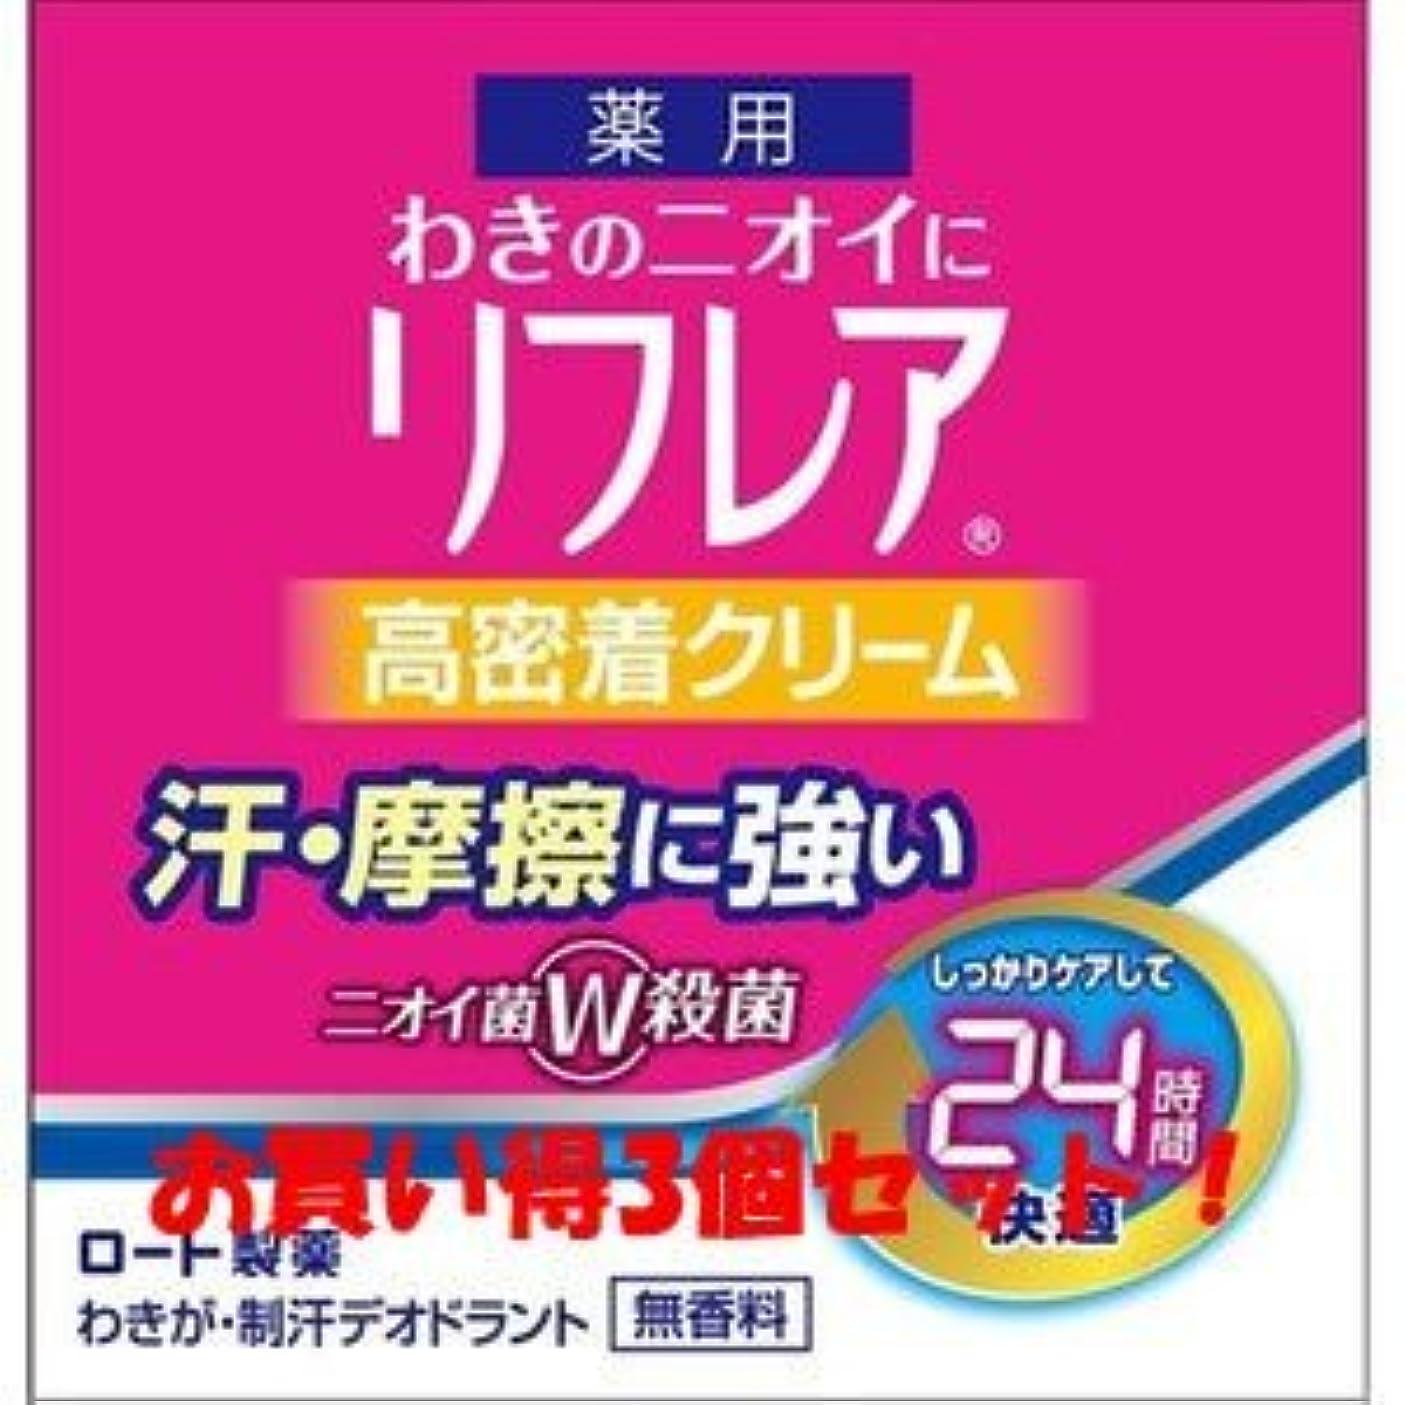 困惑ジョガー略語(ロート製薬)メンソレータム リフレア デオドラントクリーム 55g(医薬部外品)(お買い得3個セット)